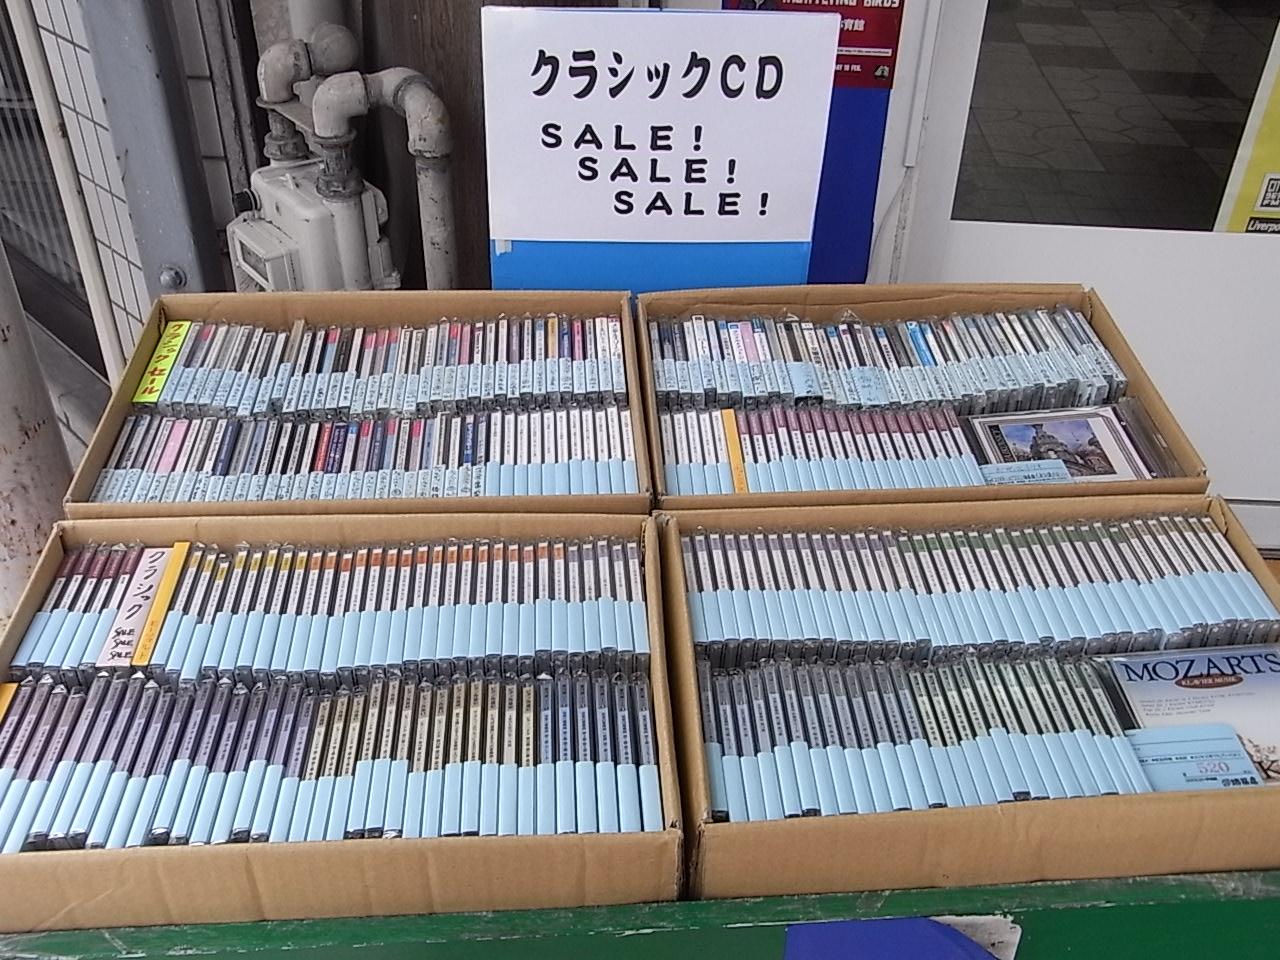 クラシックCDのセール実施中!(堺筋店より)。_e0191344_16384420.jpg